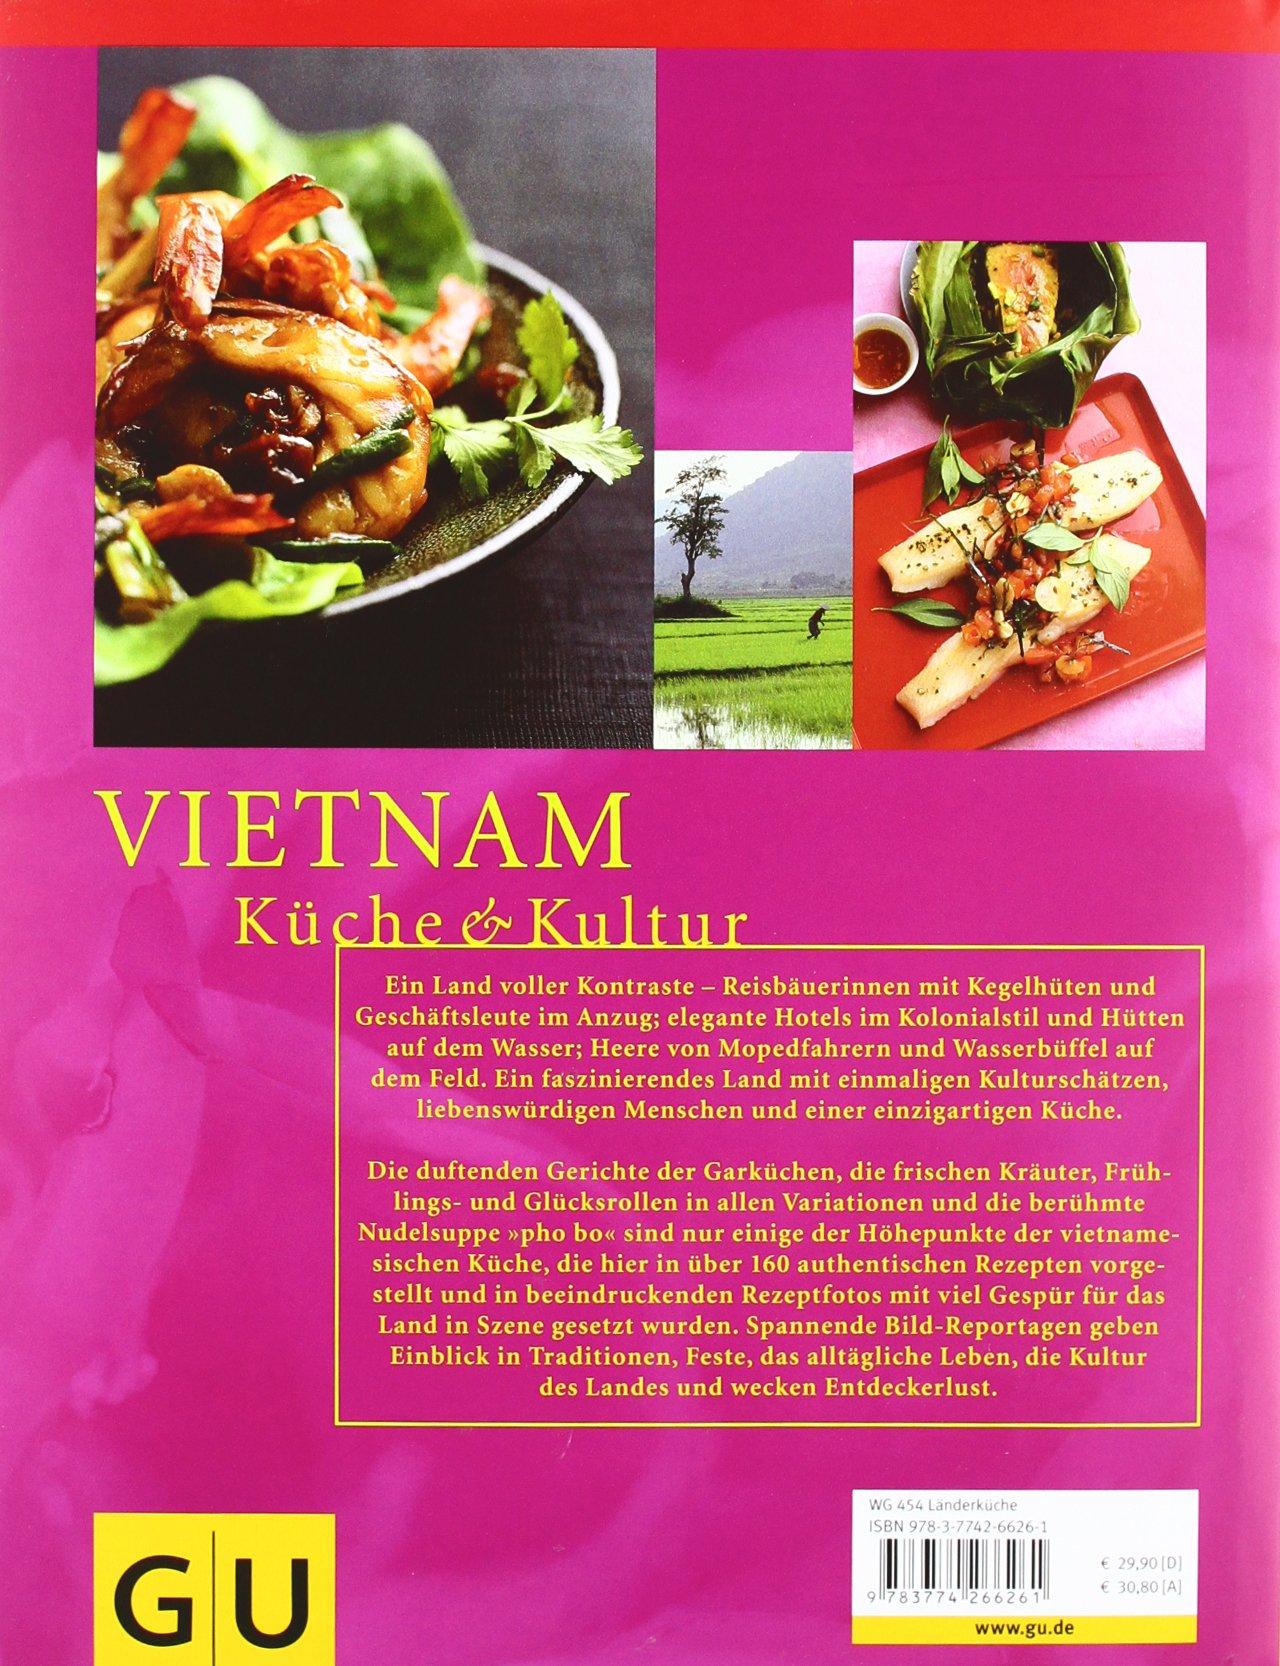 Vietnam (GU Für die Sinne): Amazon.de: Susanna Bingemer, Hans ...